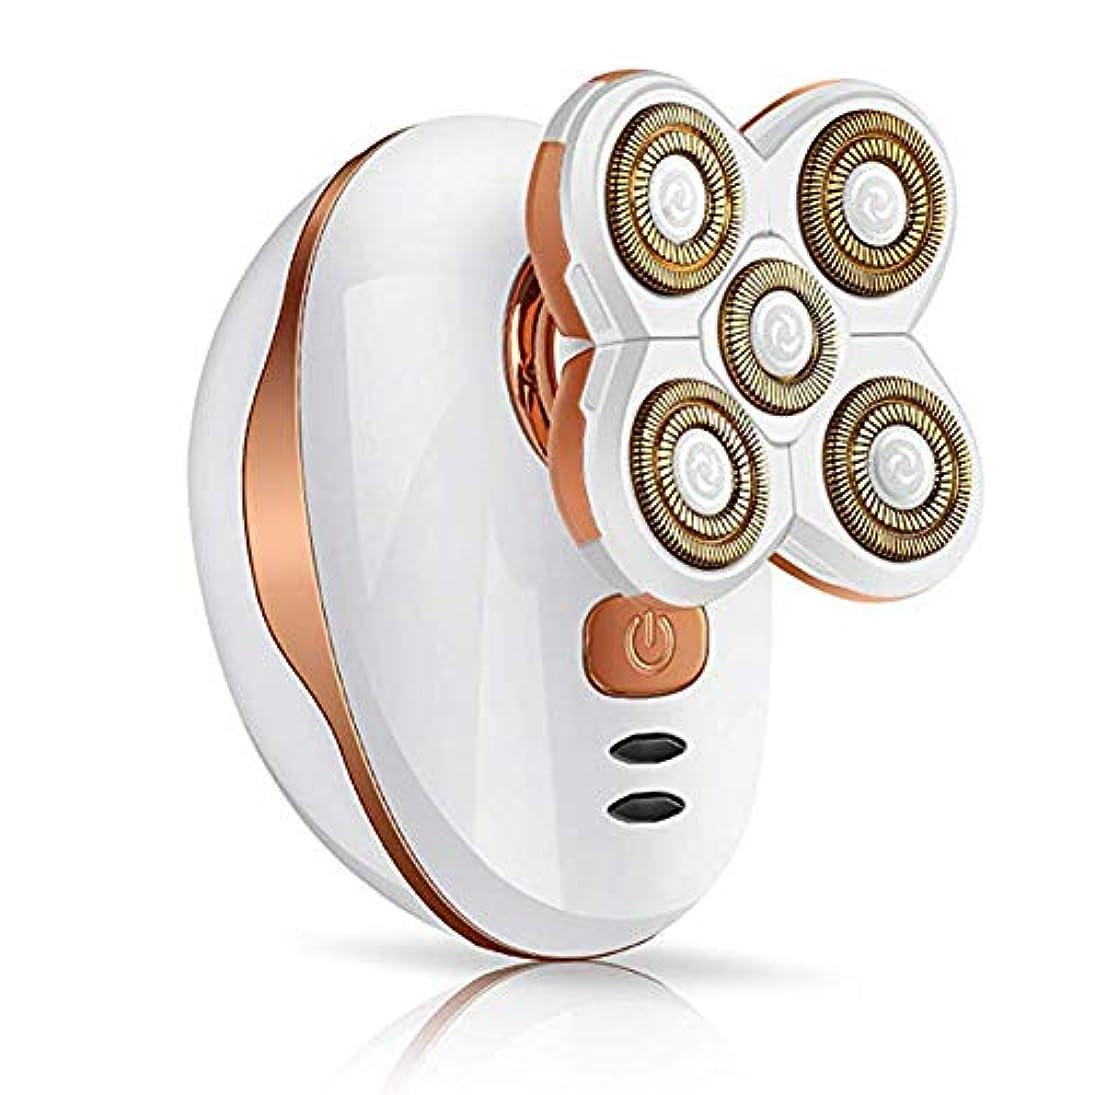 キノコ密度無謀5フローティングヘッドウェットドライ電気ロータリーシェーバー、コードレス防水かみそりはげ頭シェーバー、旅行や家庭用の高速USB再充電セキュリティロックモード